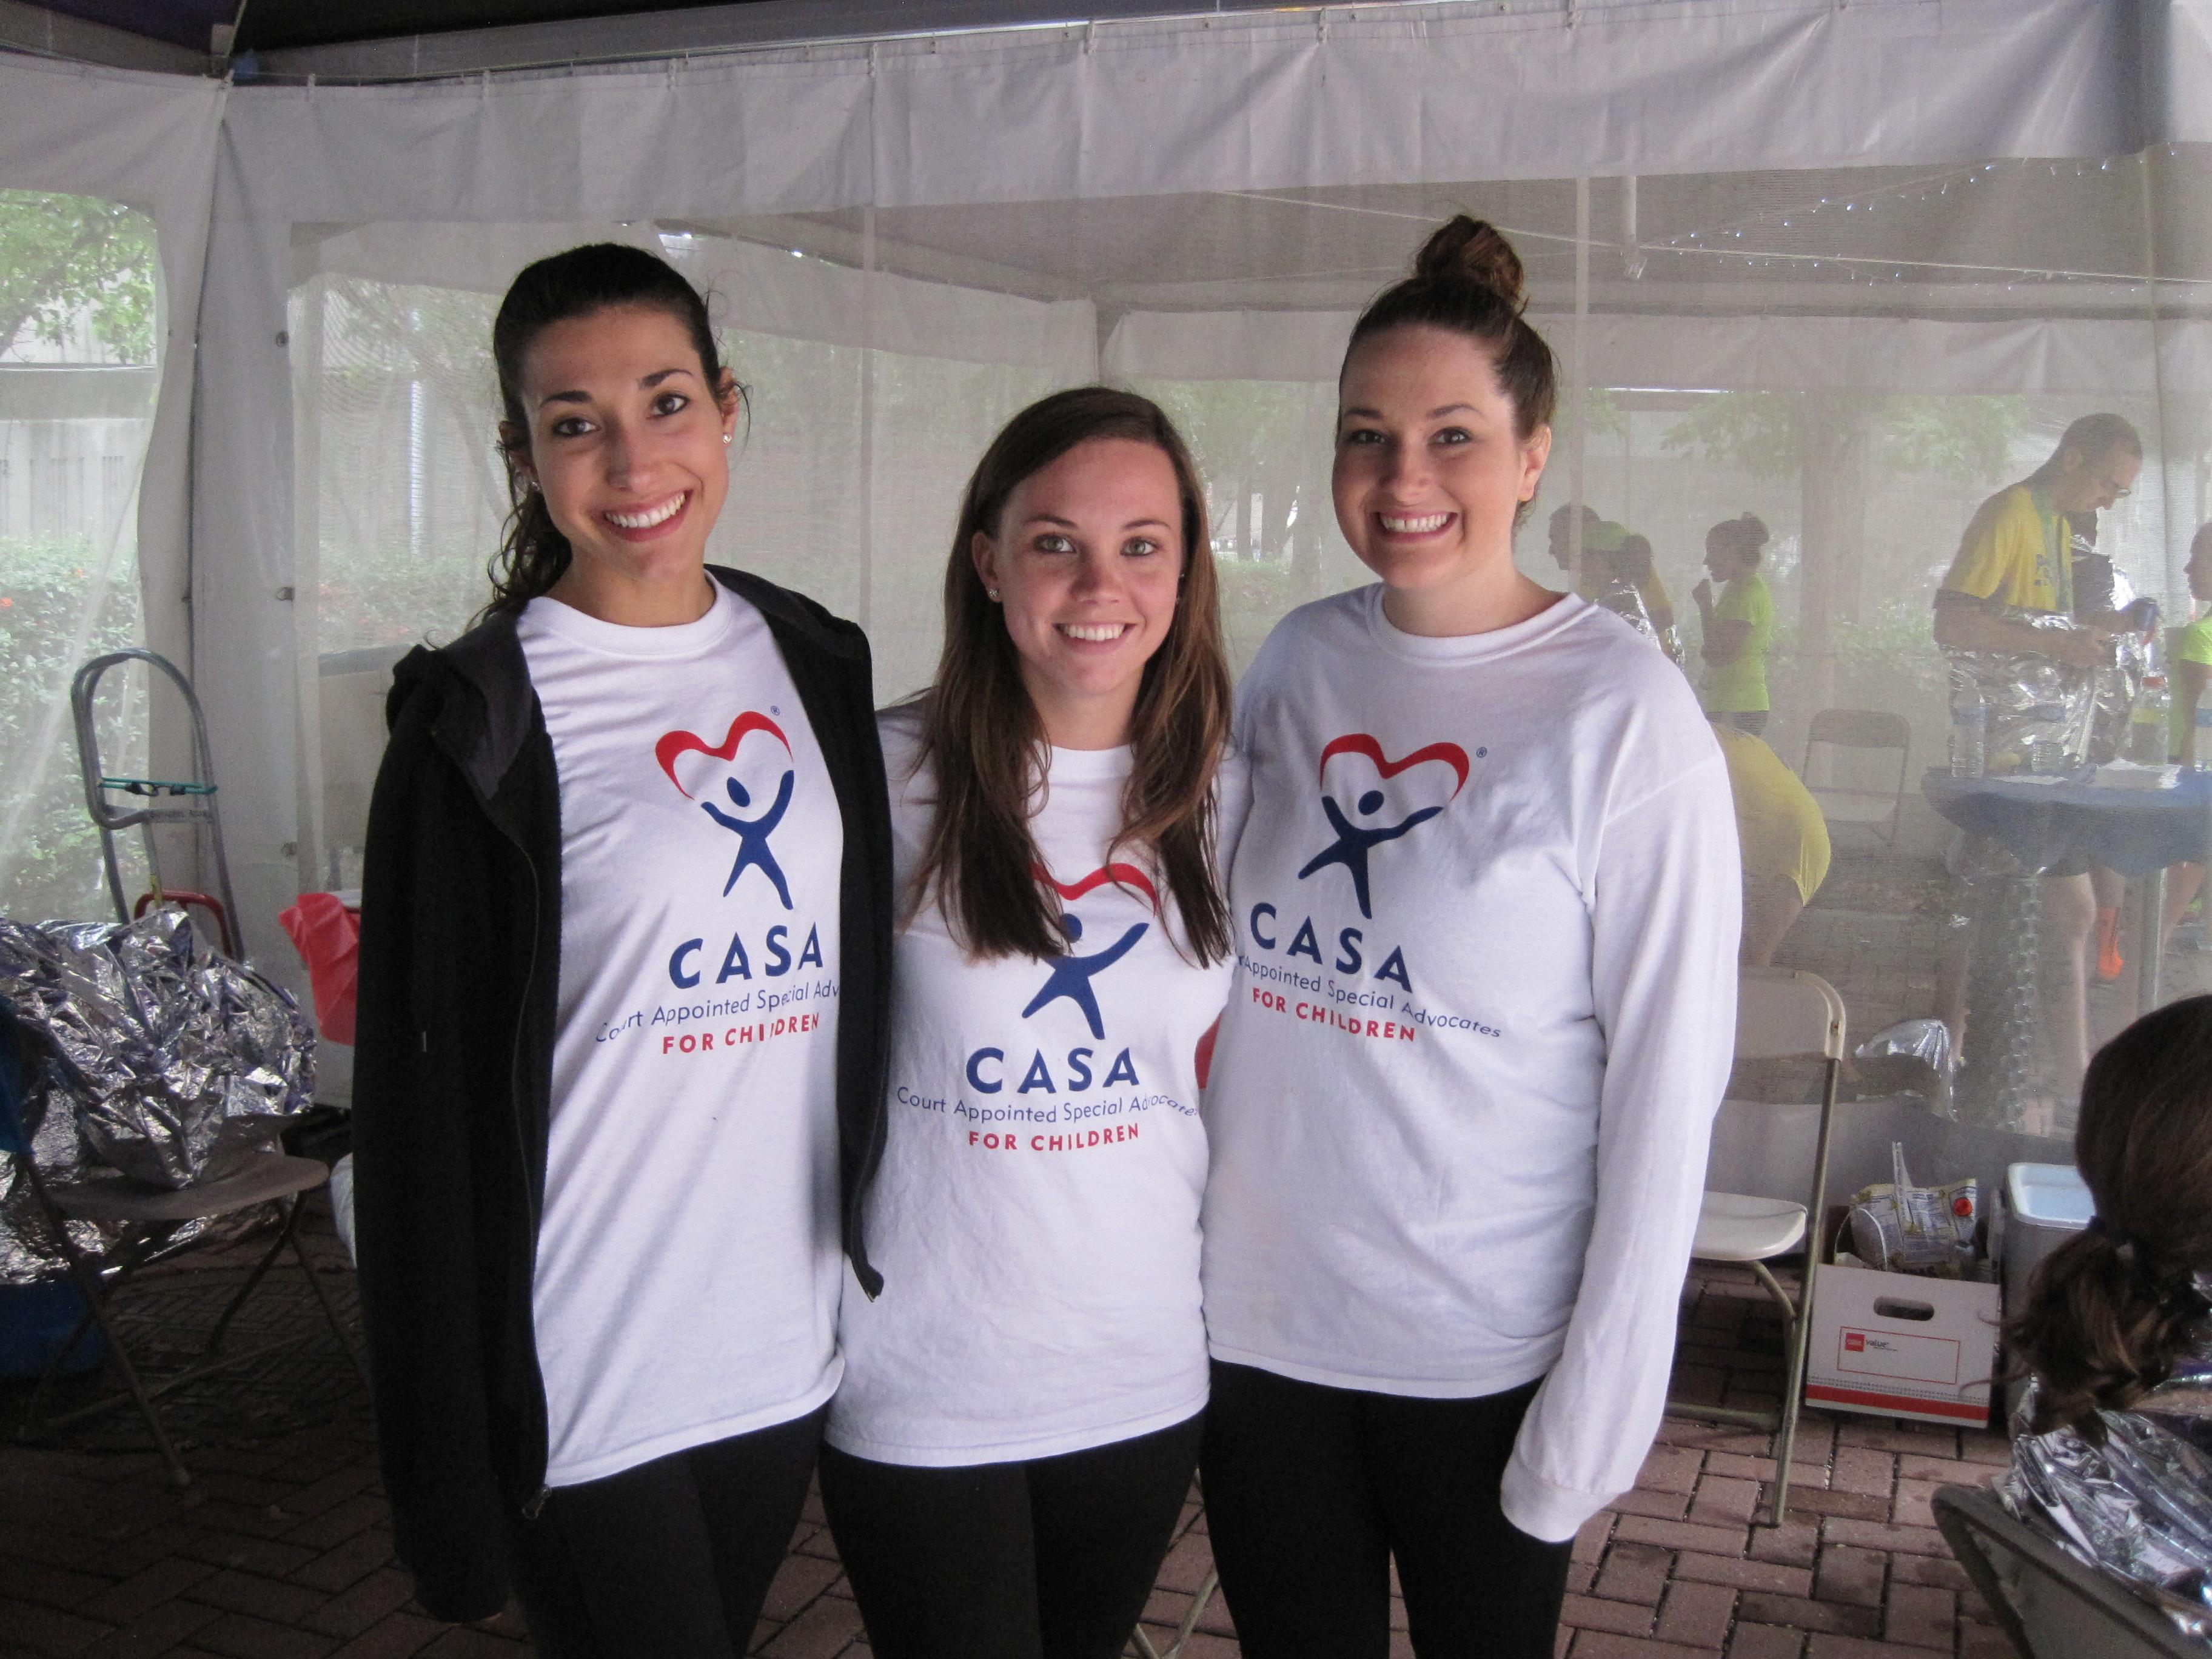 Christine, Liz & Brooke @ tent